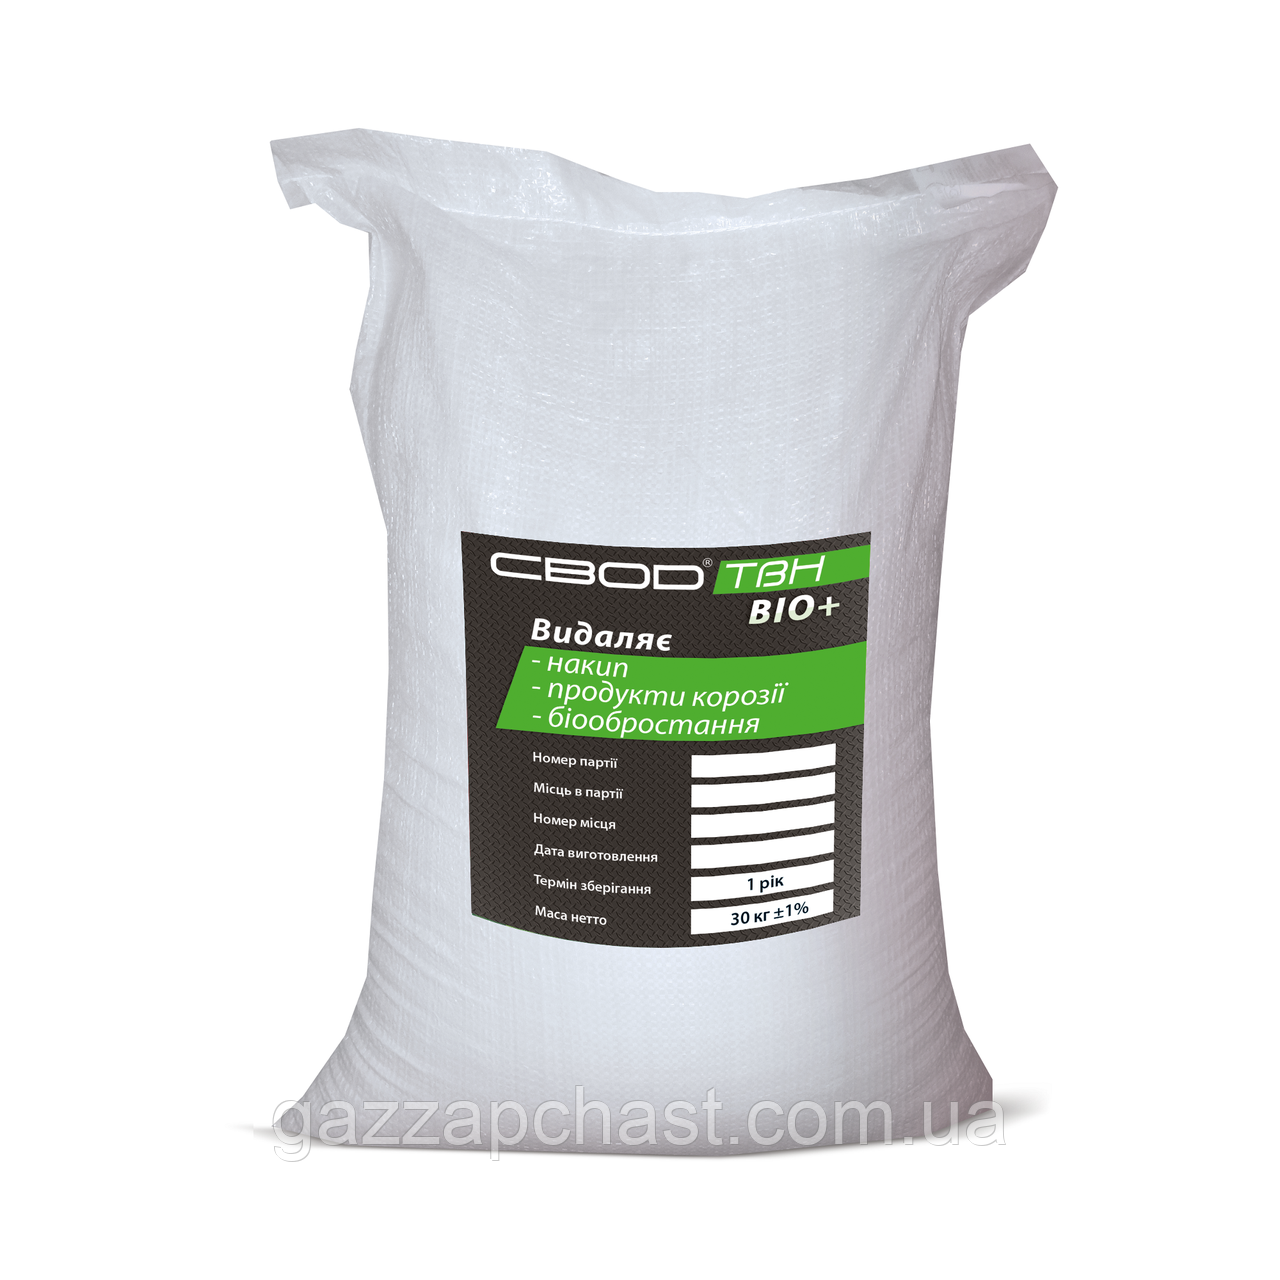 Средство для удаления накипи, железоокисных отложений и биообрастаний СВОД-ТВН BIO+, 30 кг  СВ20